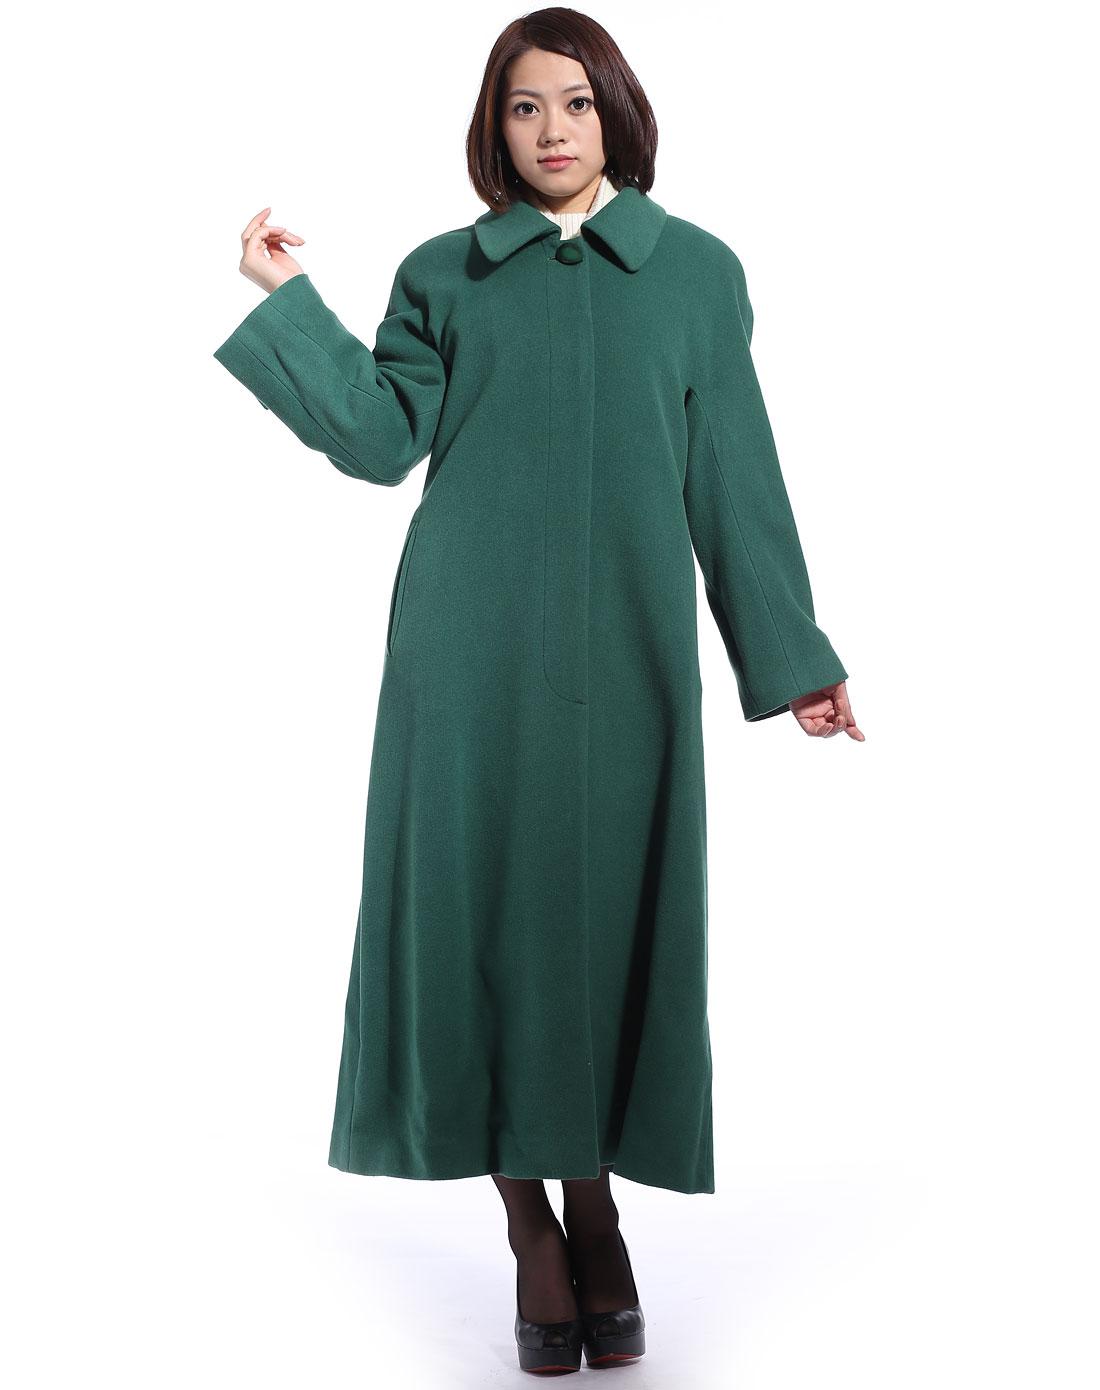 混纺方领连身袖女长大衣图片